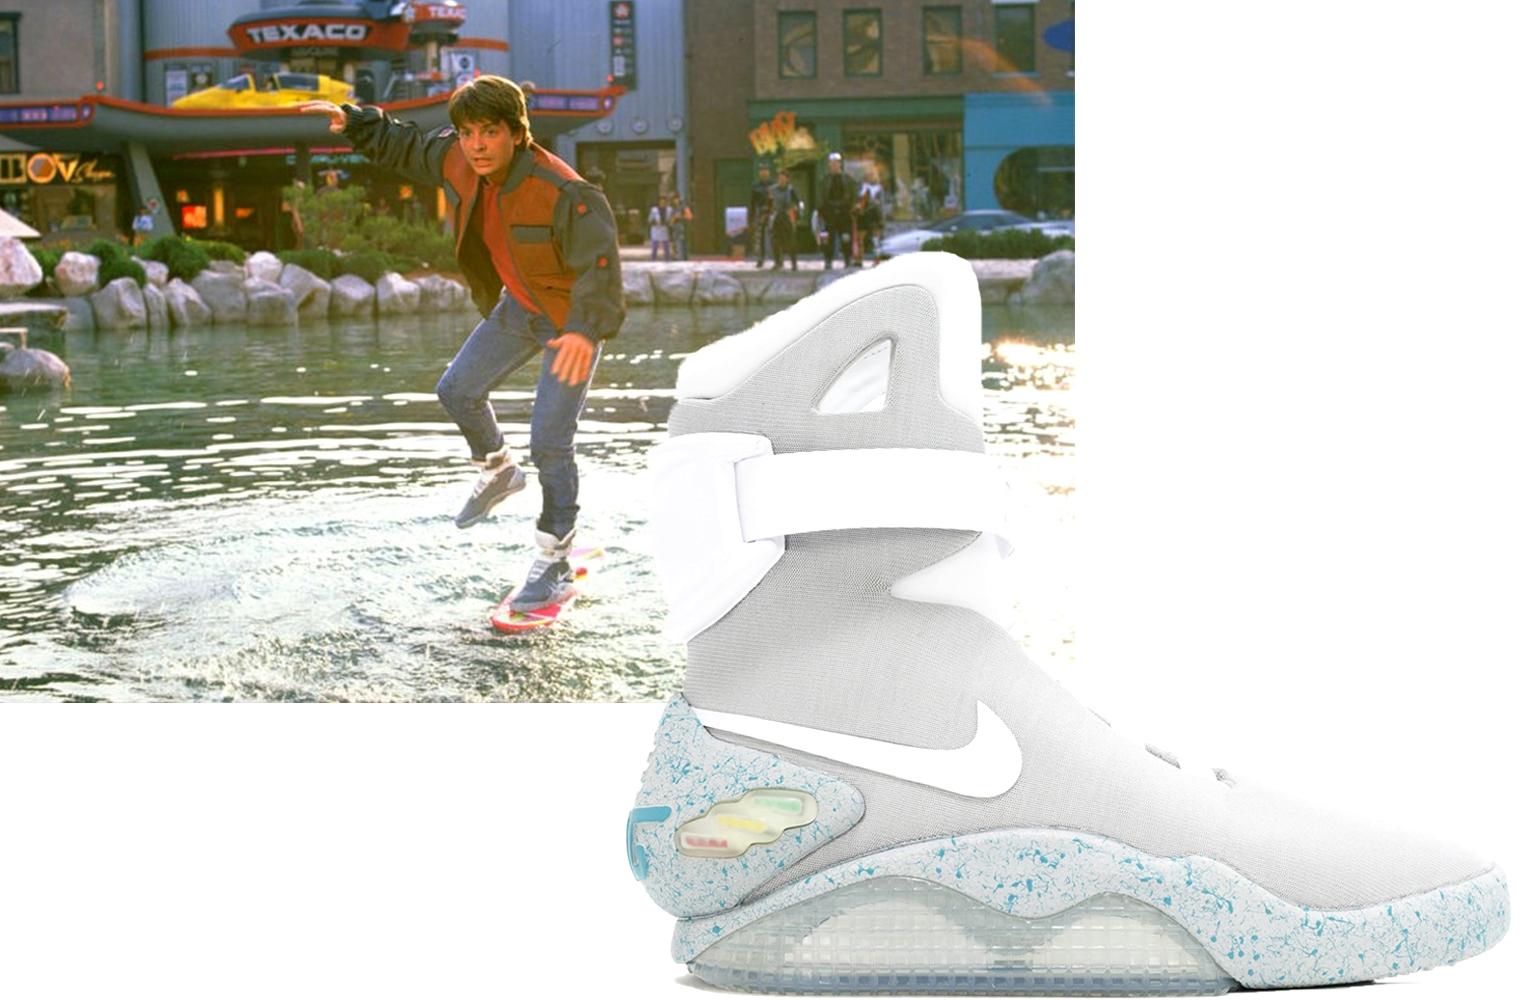 Кроссовки из фильма: Nike MAG в «Назад в будущее 2»